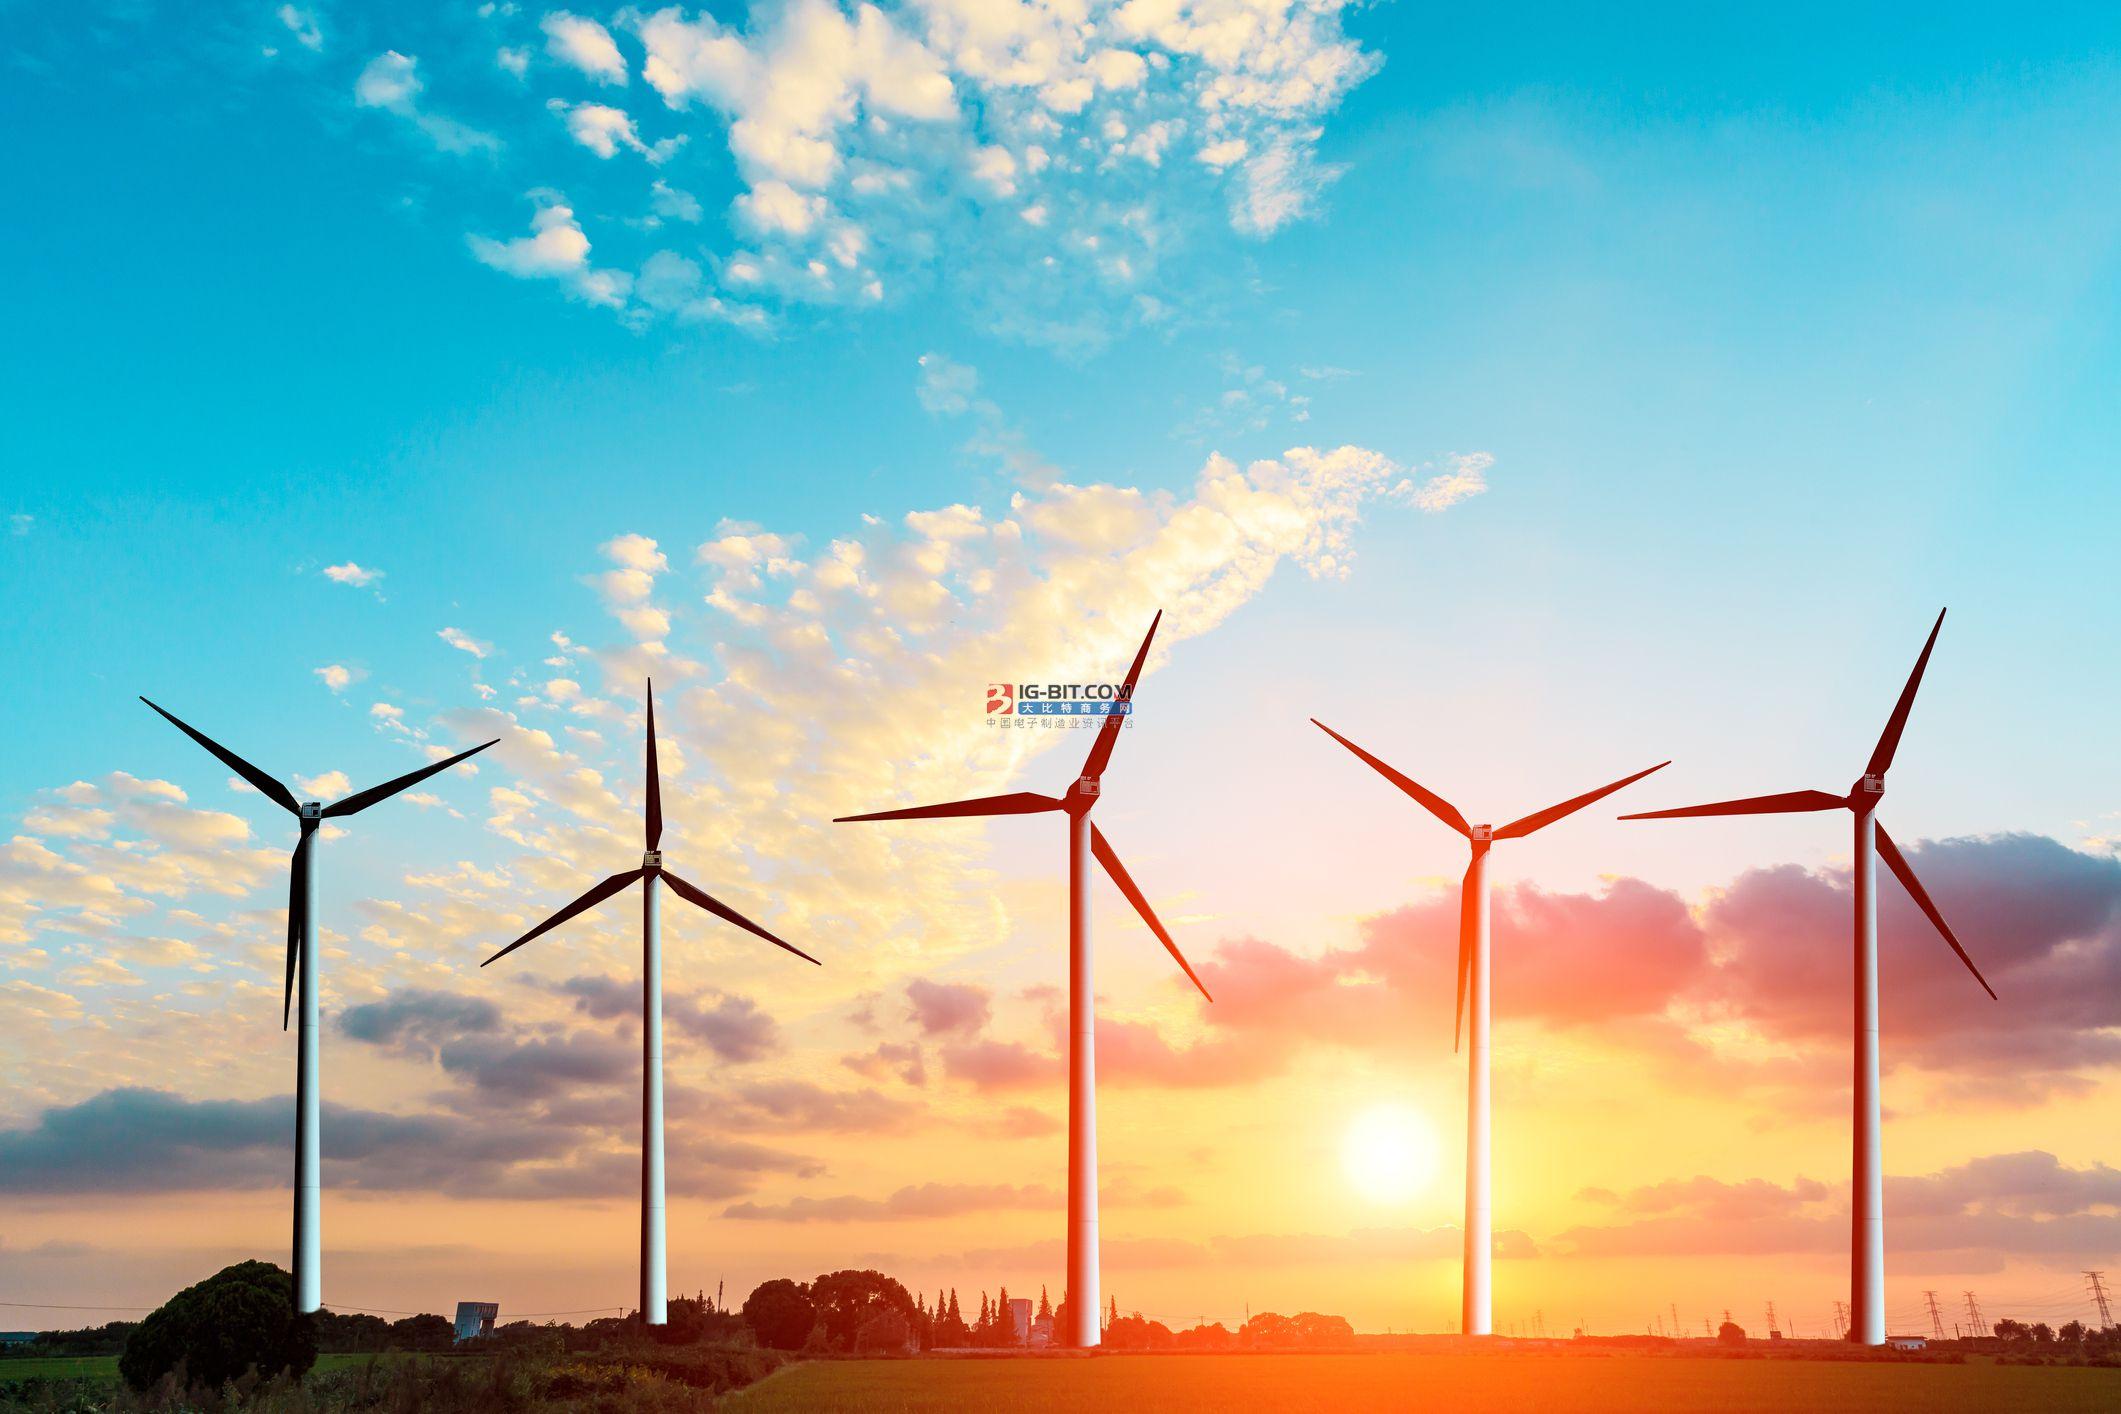 巴西将在10年内新增8GW光伏项目